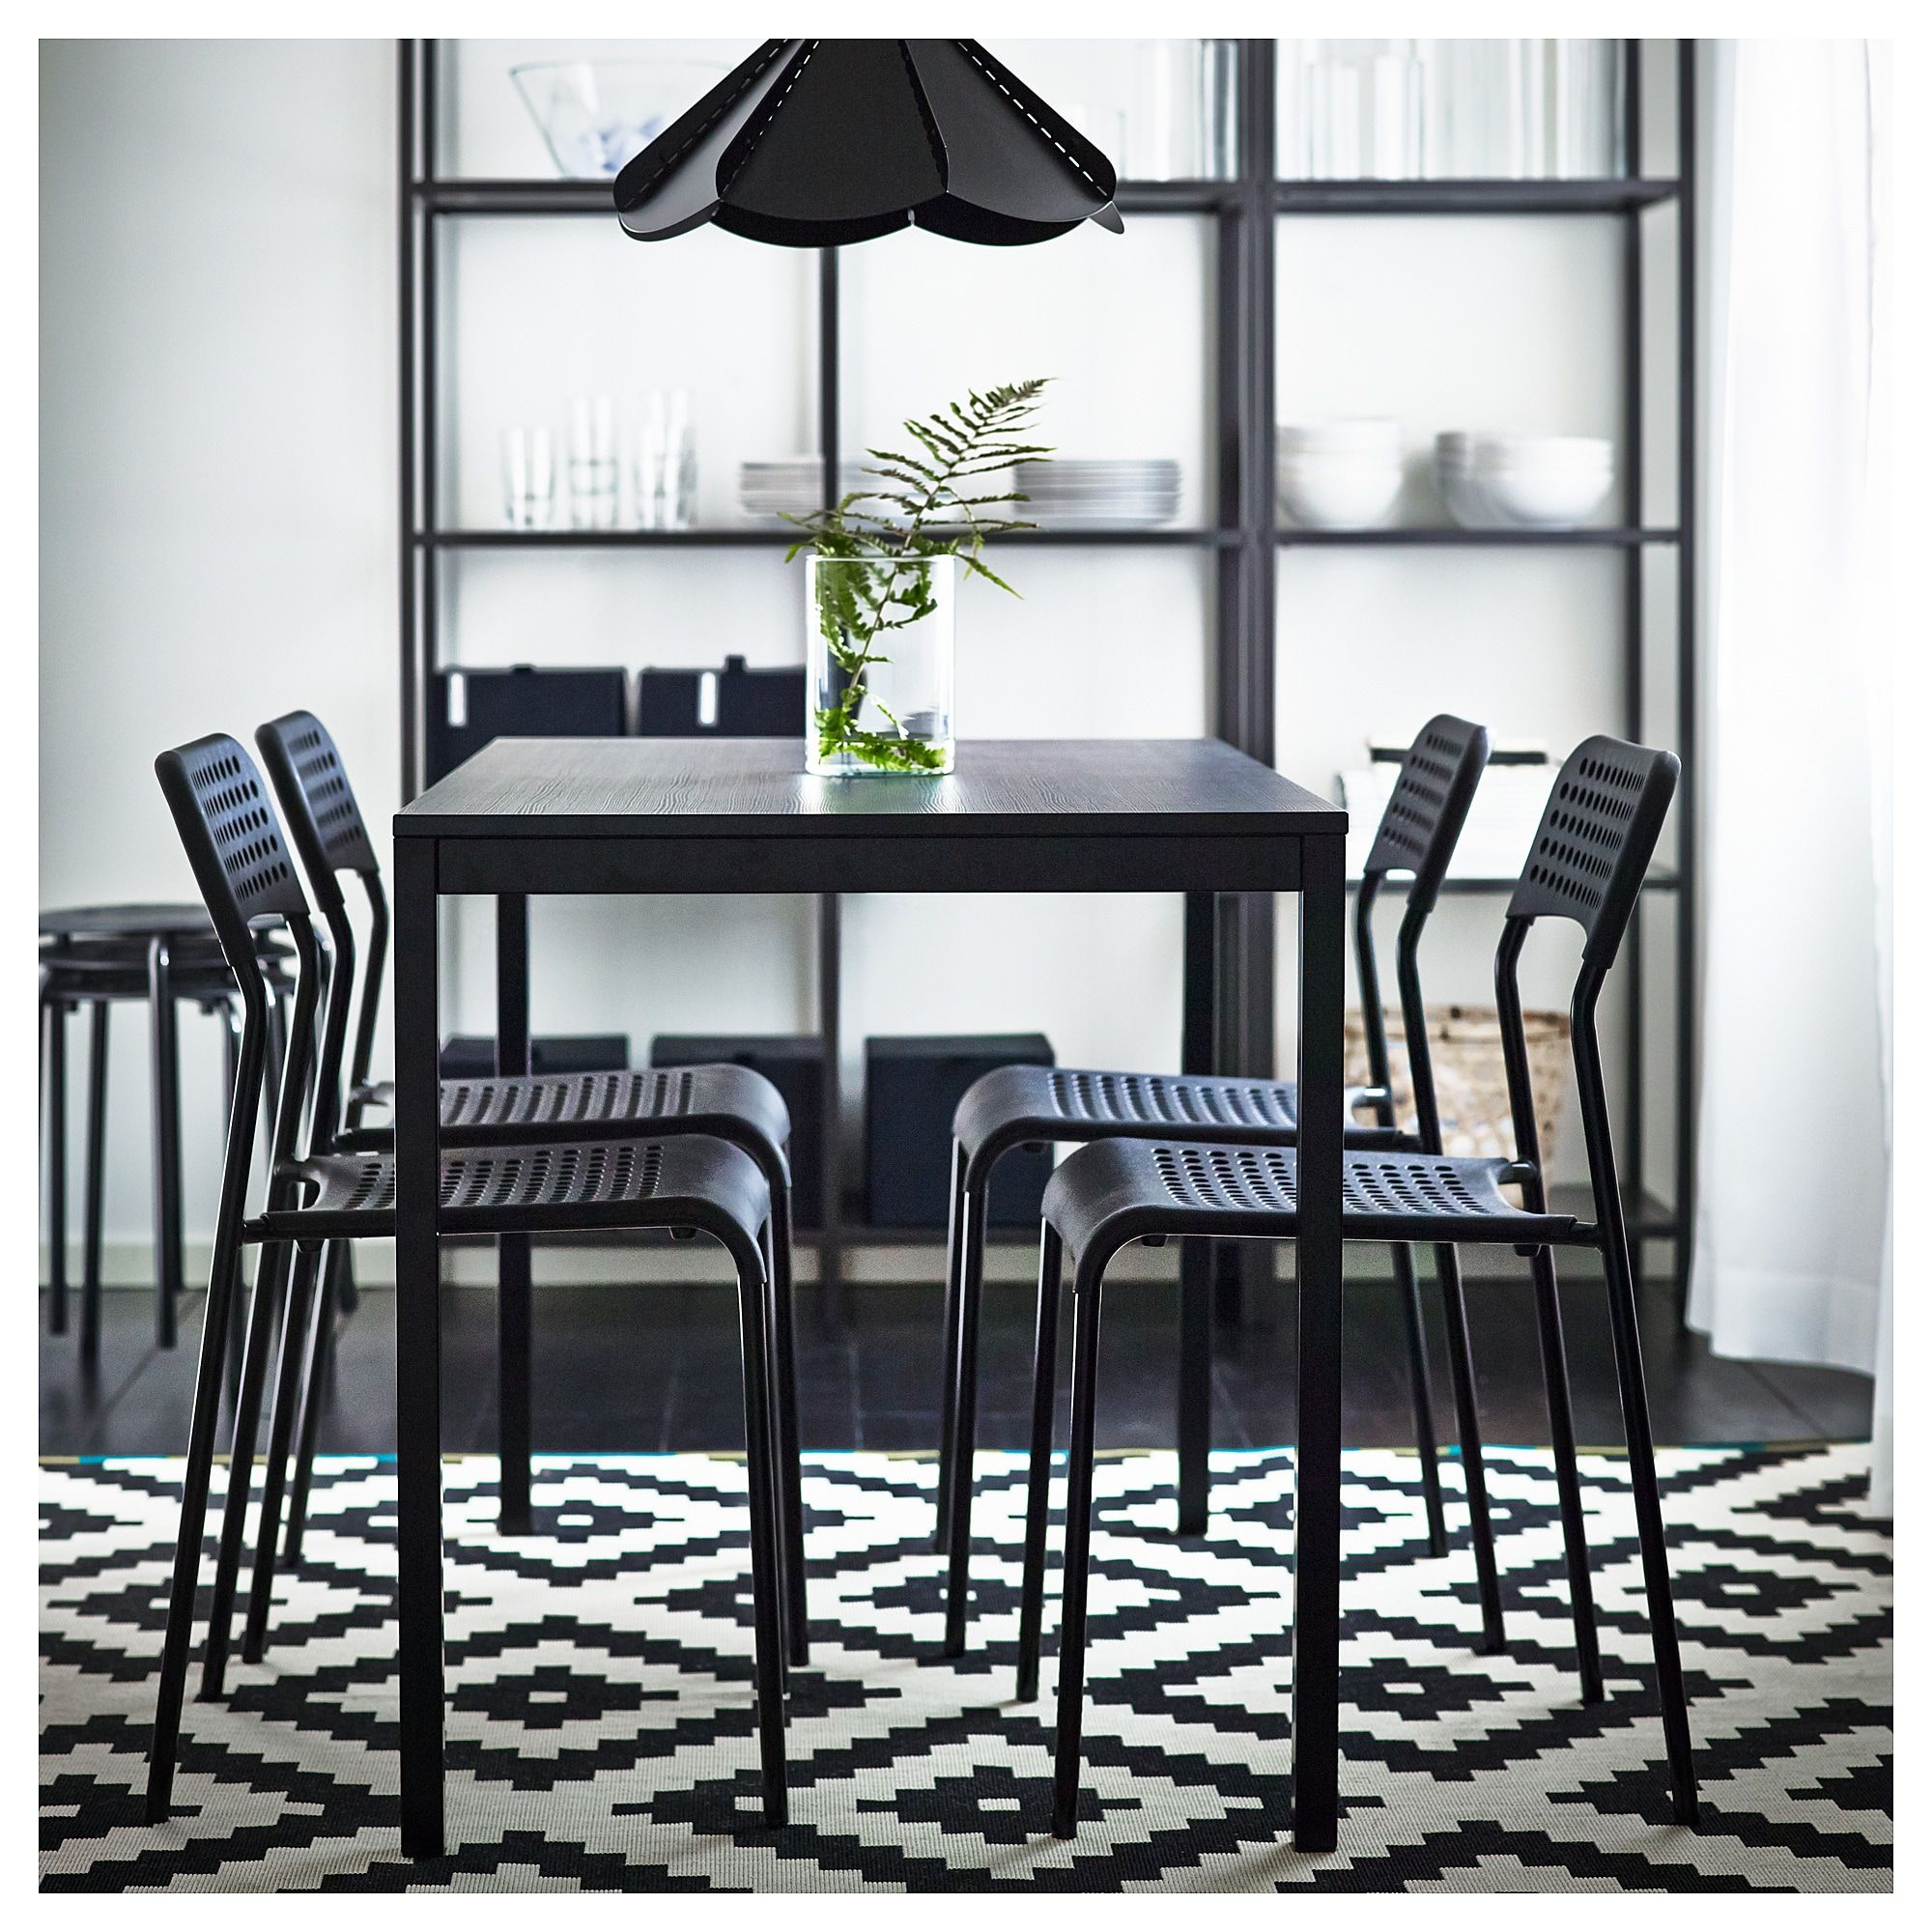 14914e727b043 ... Added Dining Experience. IKEA - TÄRENDÖ Table black